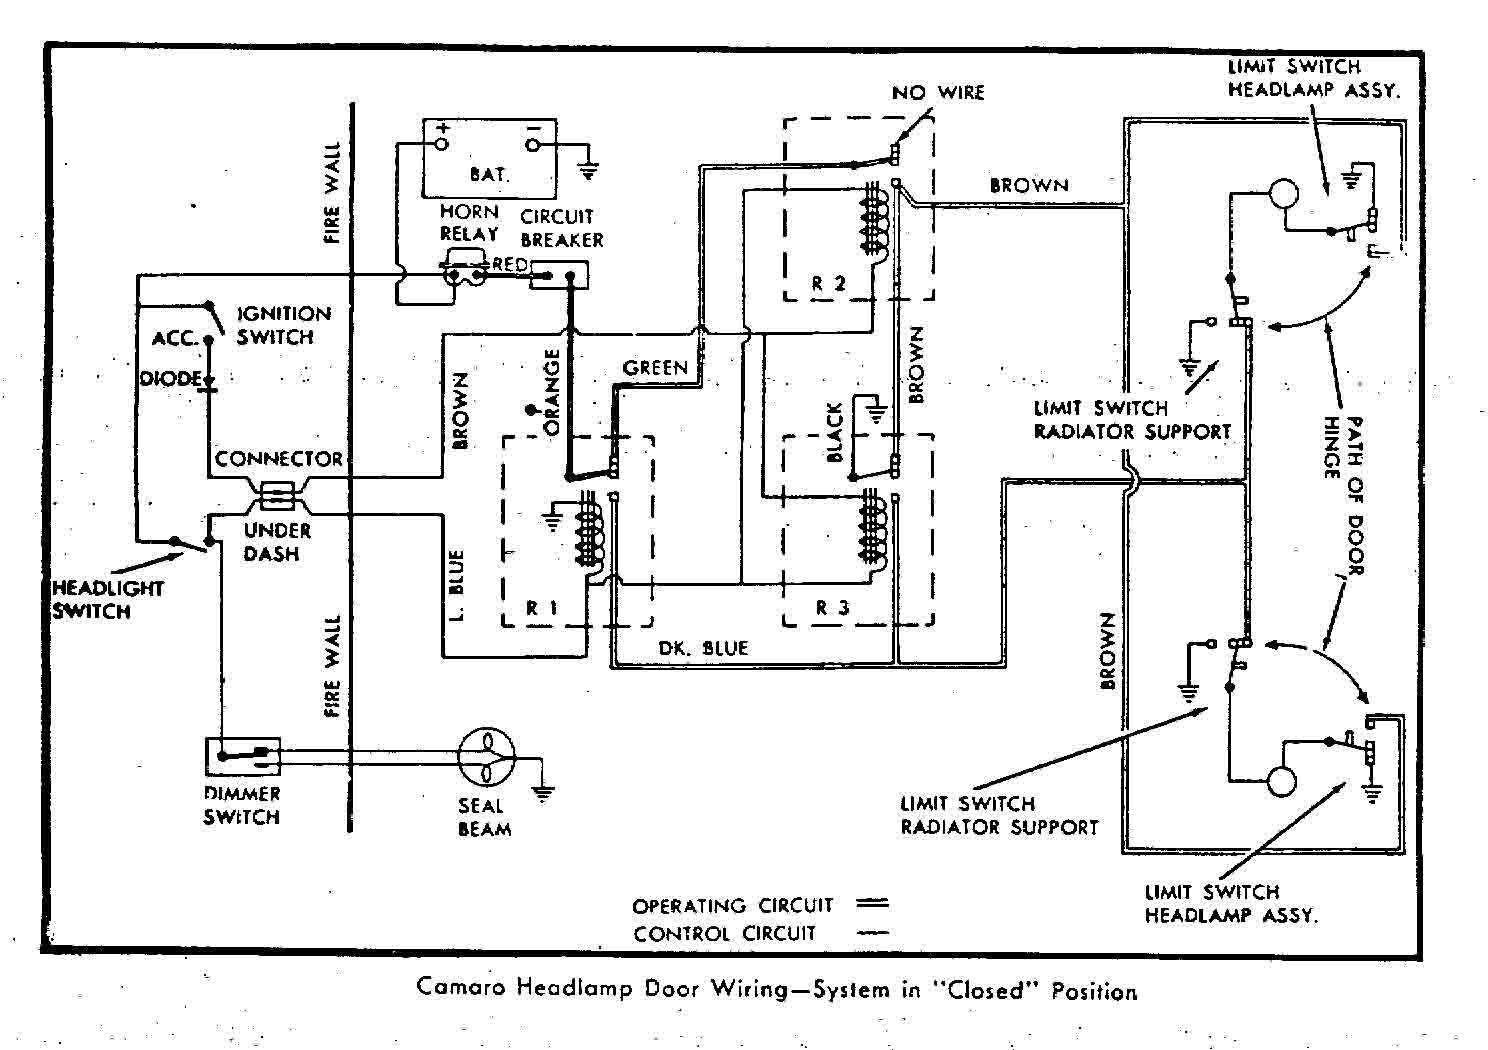 68 camaro inst panel wiring diagram wiring diagram 1967 68 camaro firebird